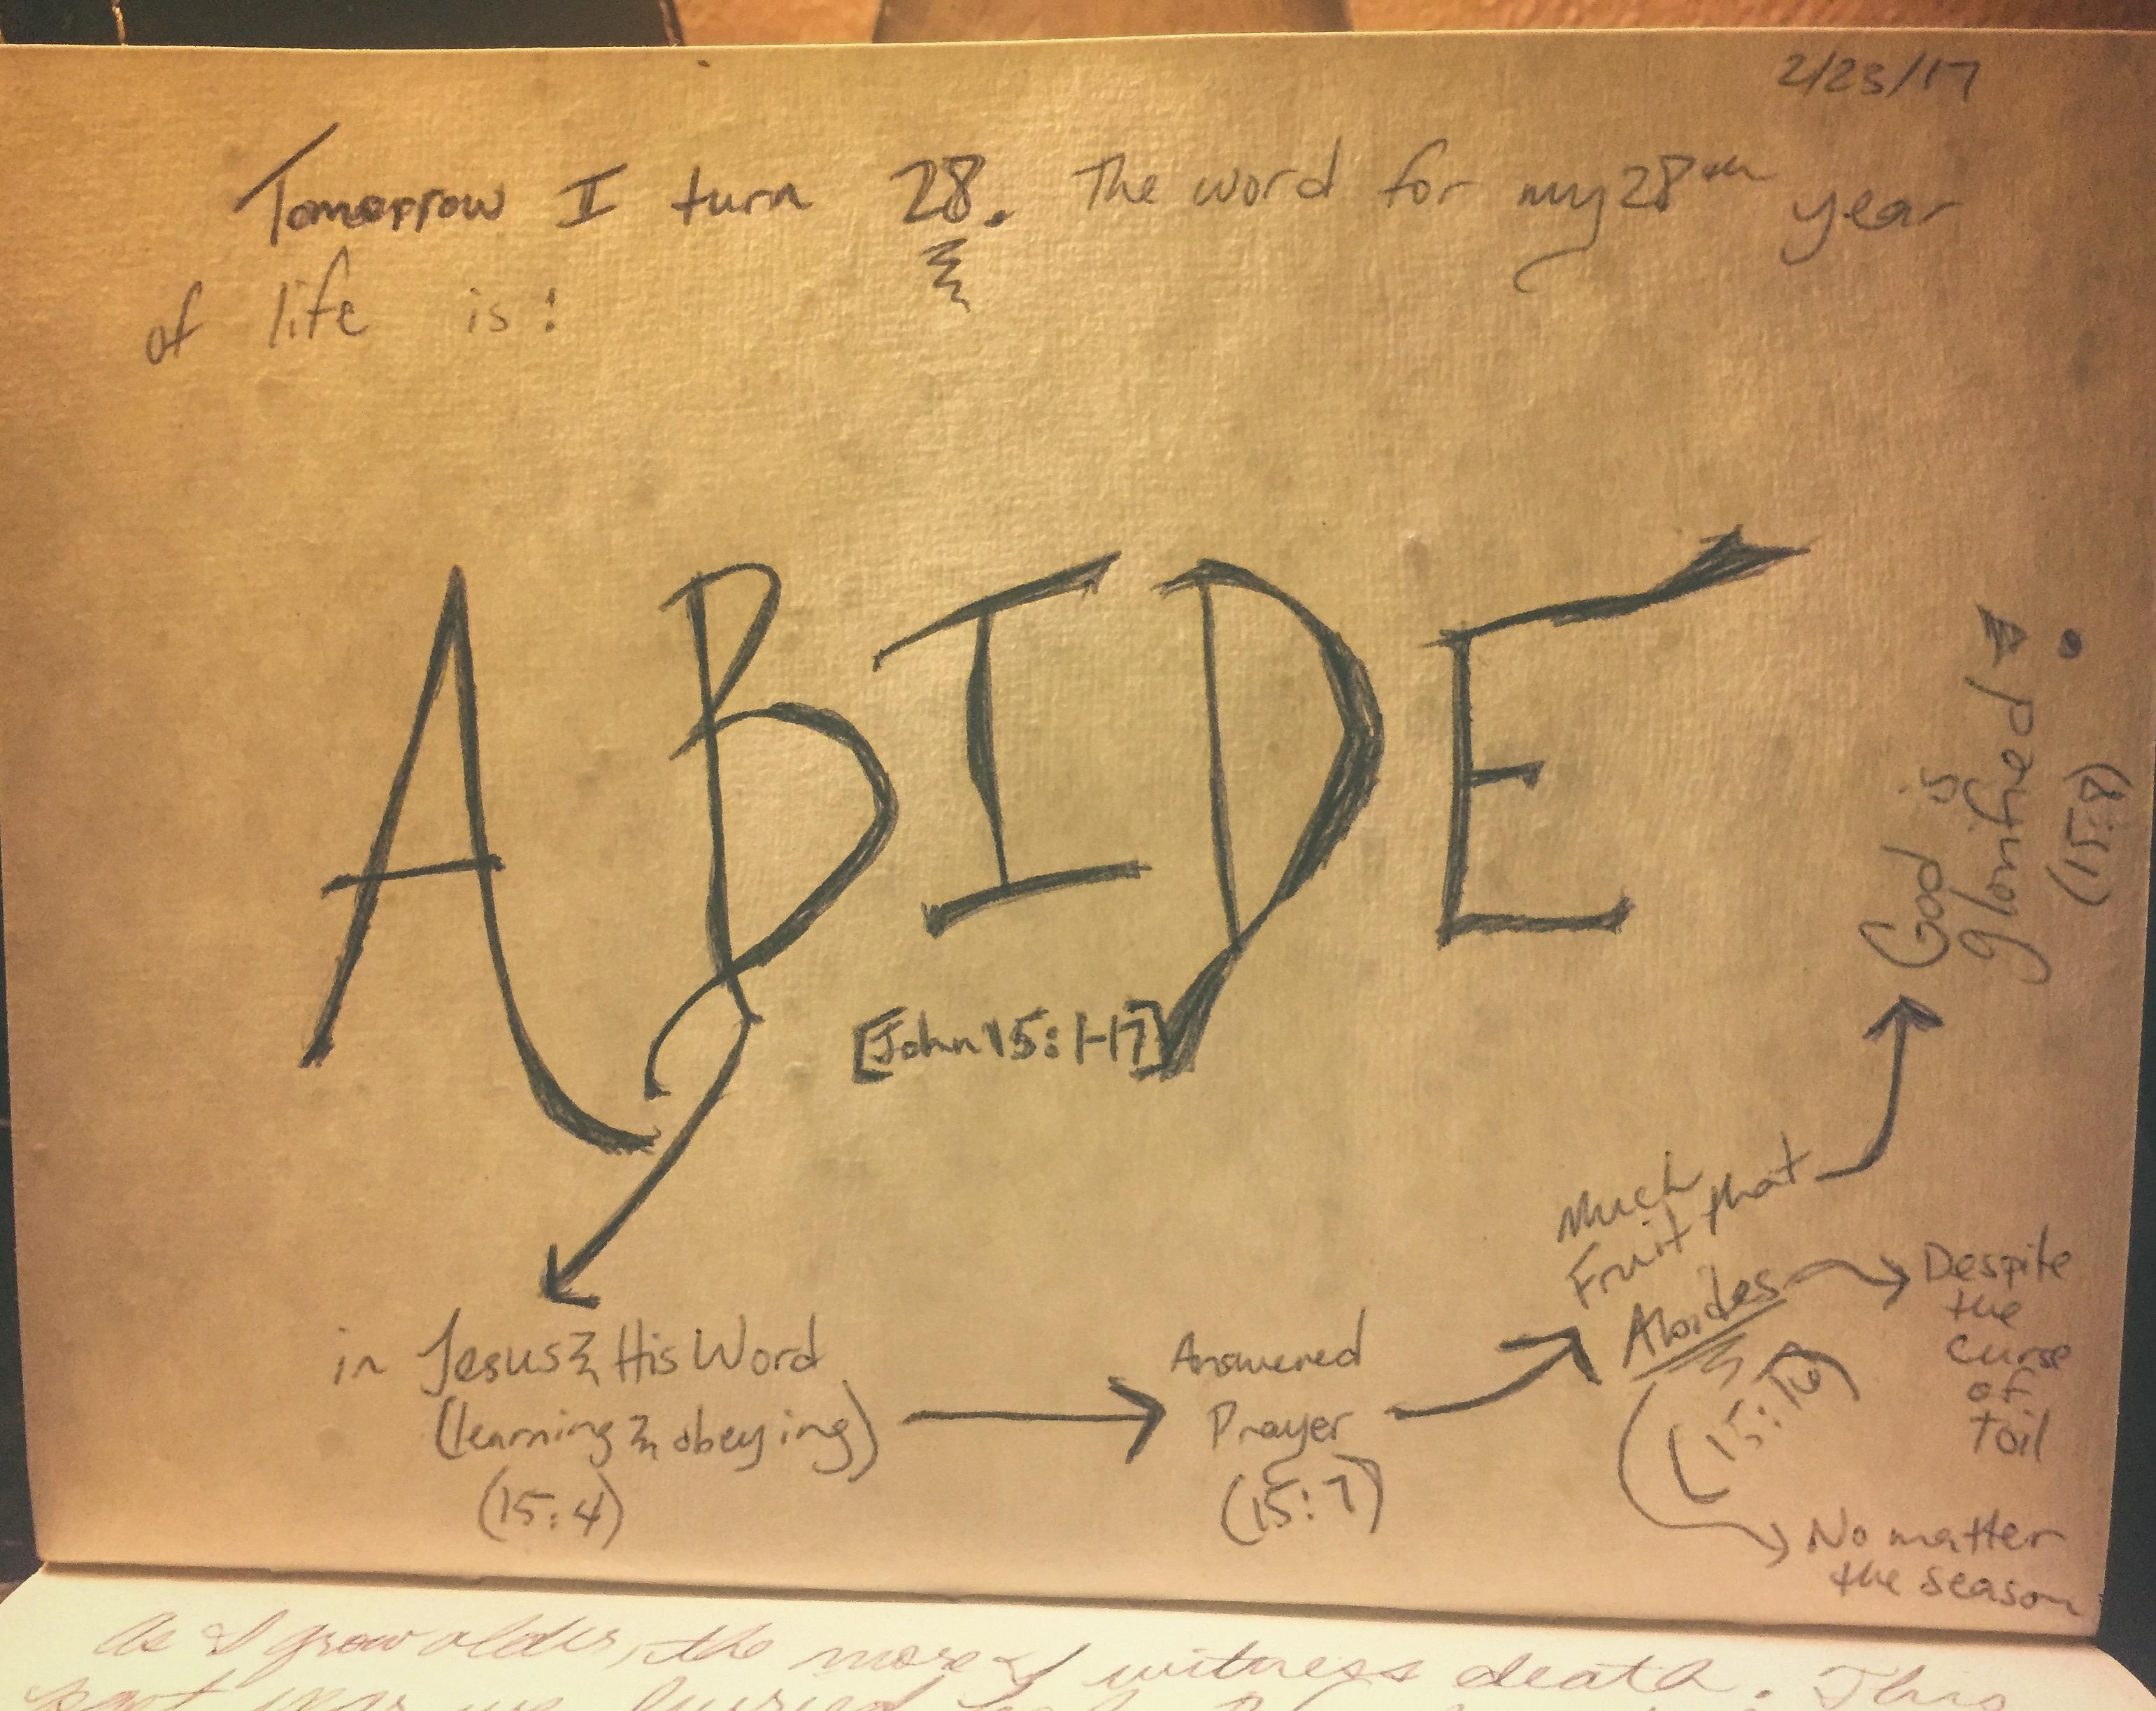 28th BDay: Abide